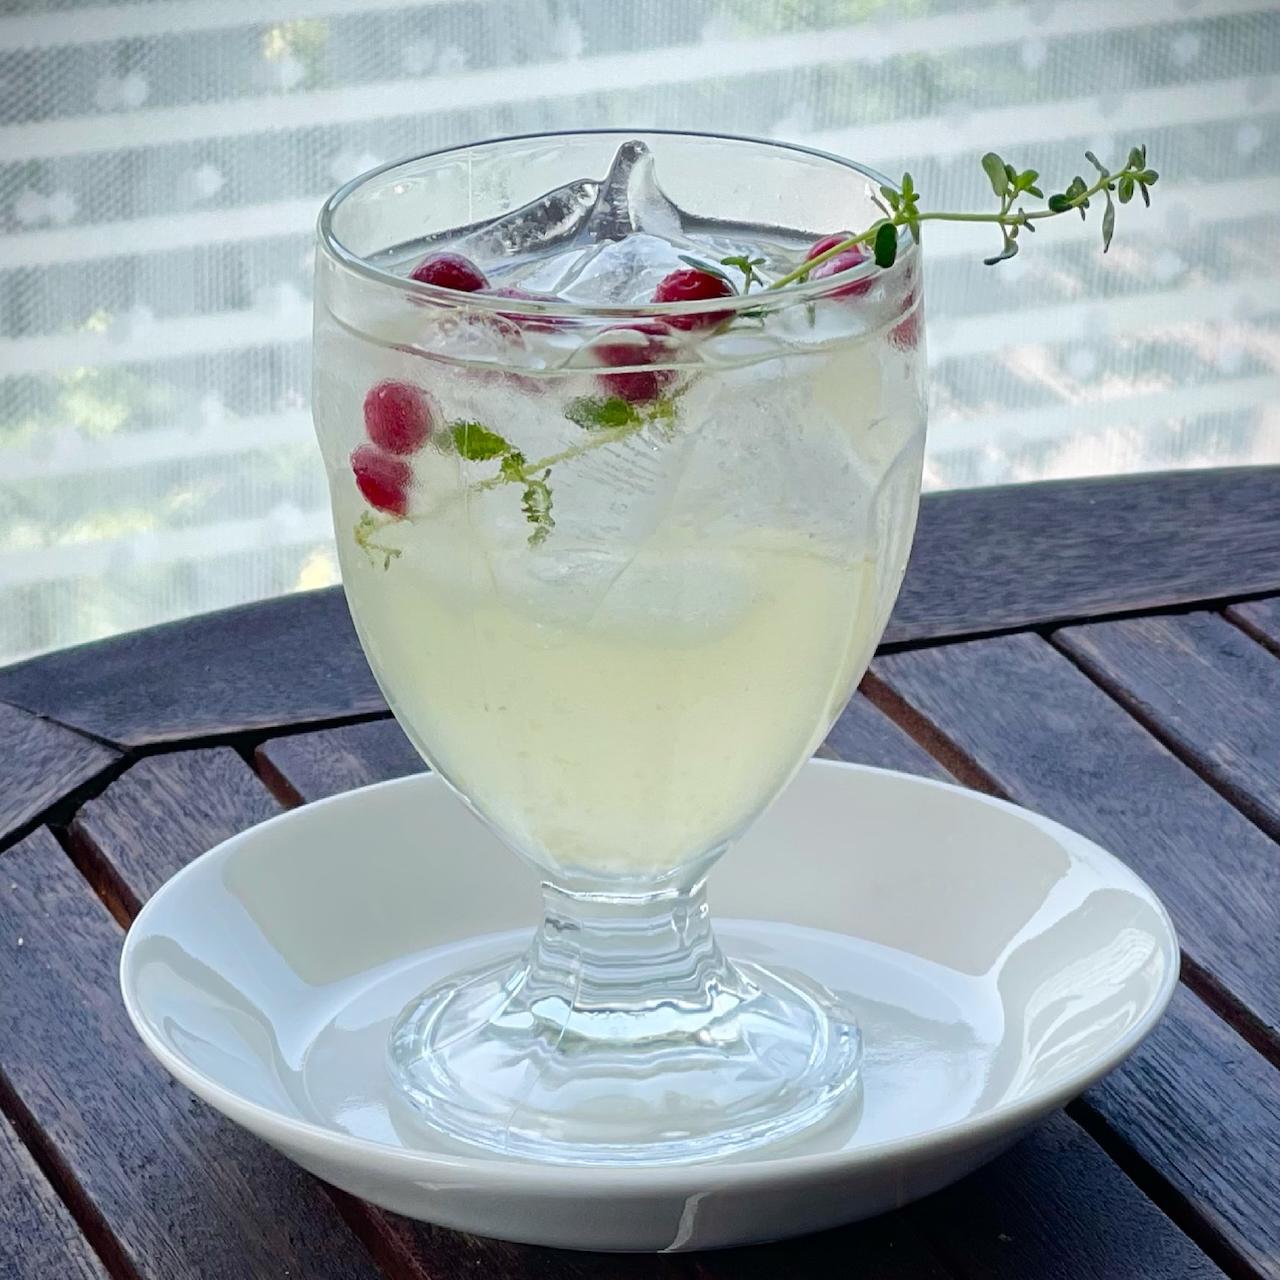 Valmis juoma jalallisessa juomalasissa. Koristeena timjaminoksa ja puolukoita